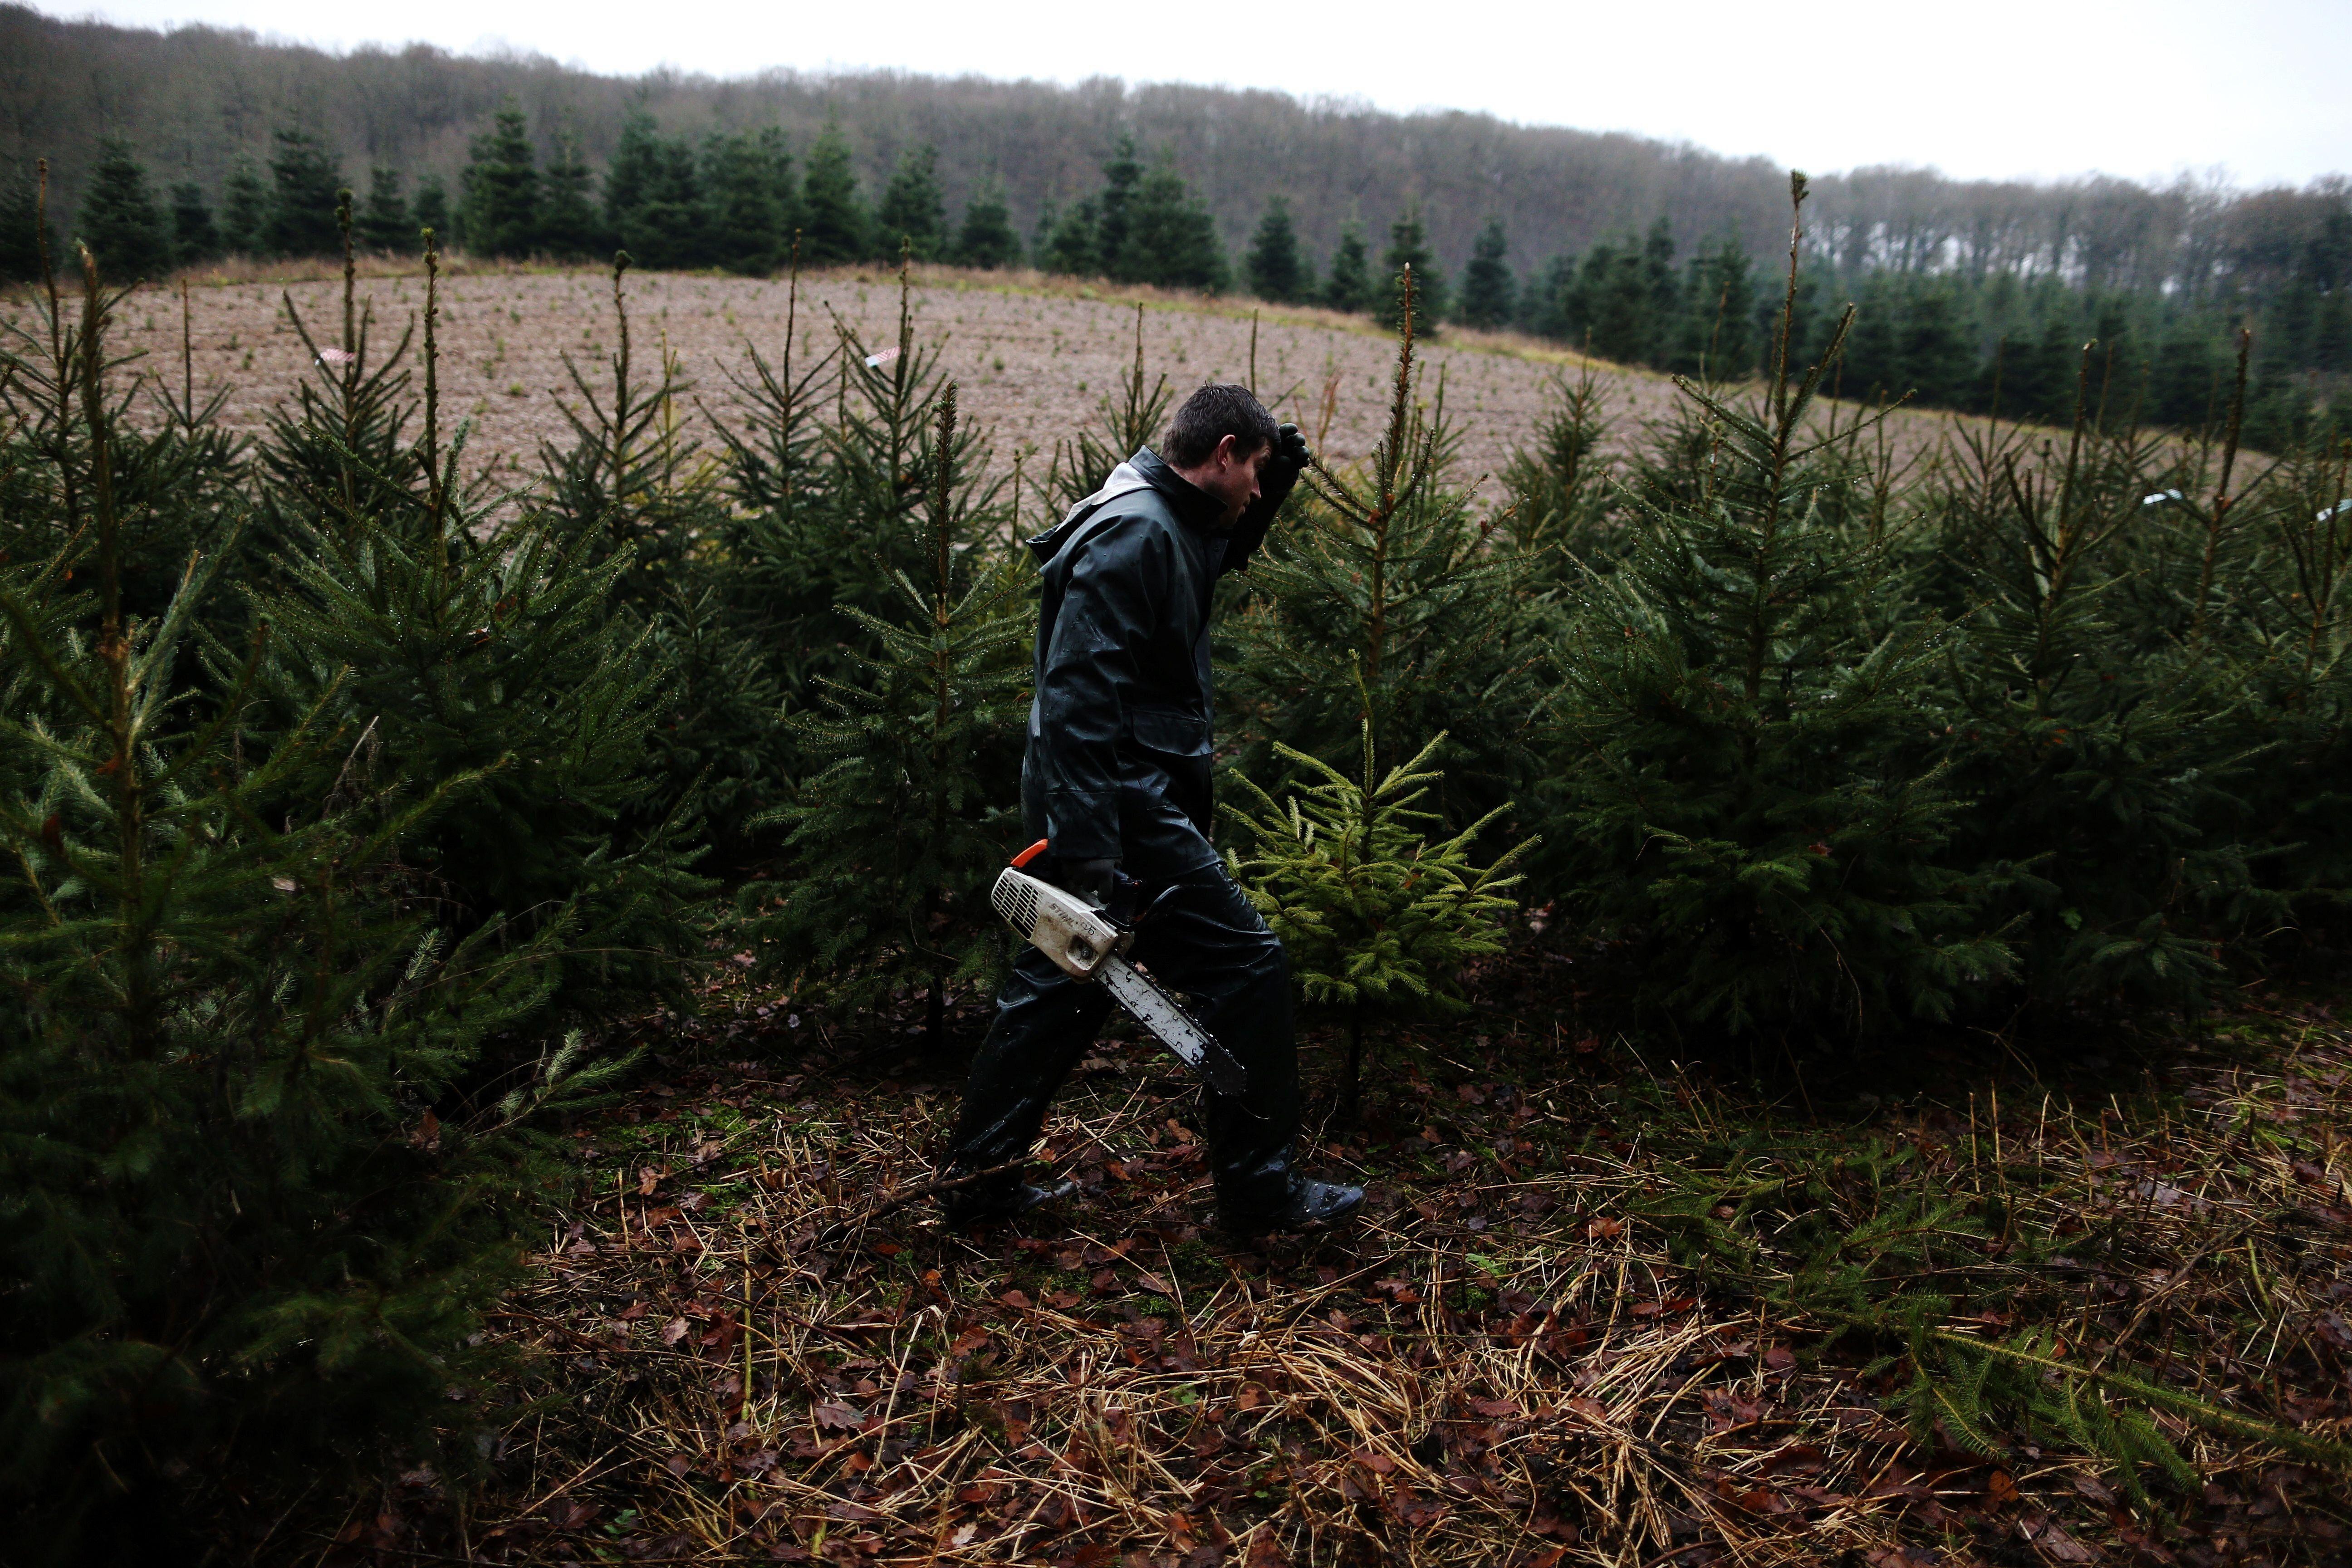 Un homme coupe un sapin dans un champ à Sacquenville, dans le nord-ouest de la France le 6 décembr...